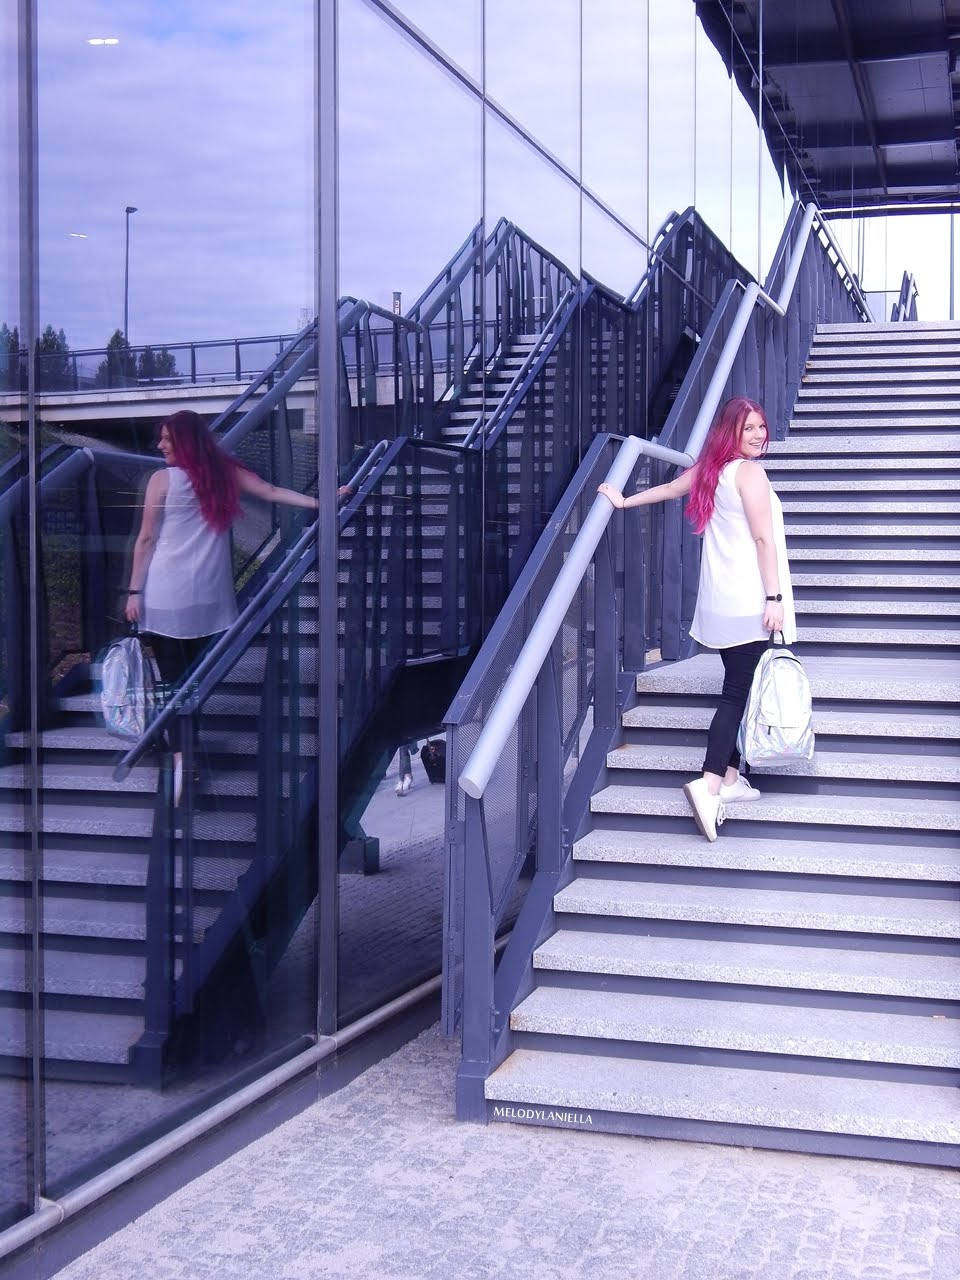 6 holograficzny plecak betterlook.pl farby venita różowe włosy jak pofarbować włosy kolorowe włosy ombre pink hair paul rich watches zegarek czarne jeansy z dziurami modna polka lookbook